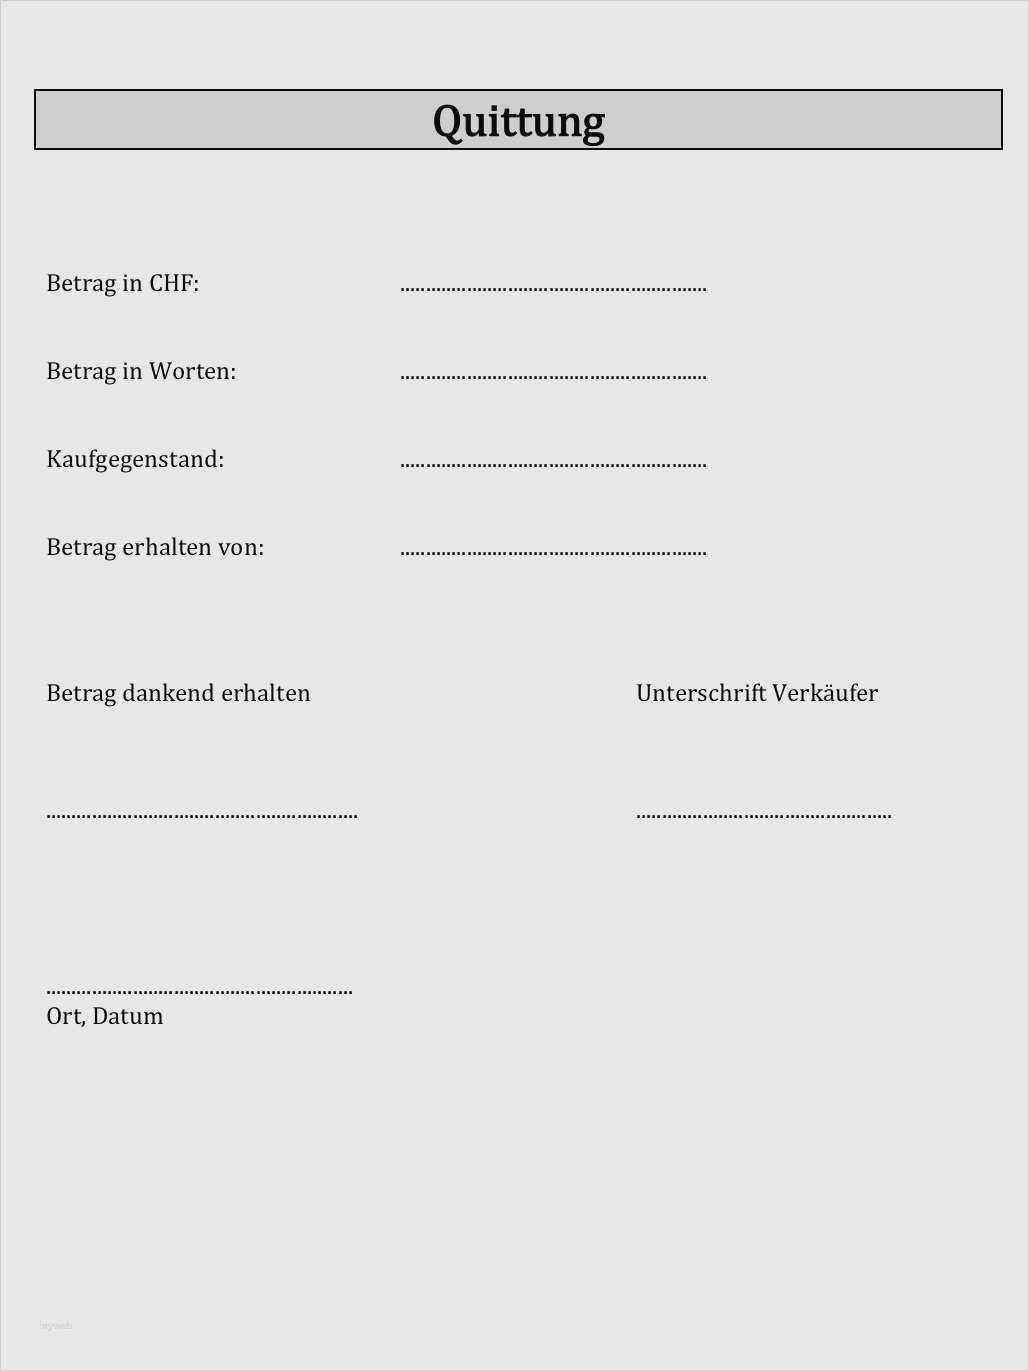 37 Schon Quittung Kaution Vorlage Word Galerie Vorlagen Word Briefkopf Vorlage Vorlagen